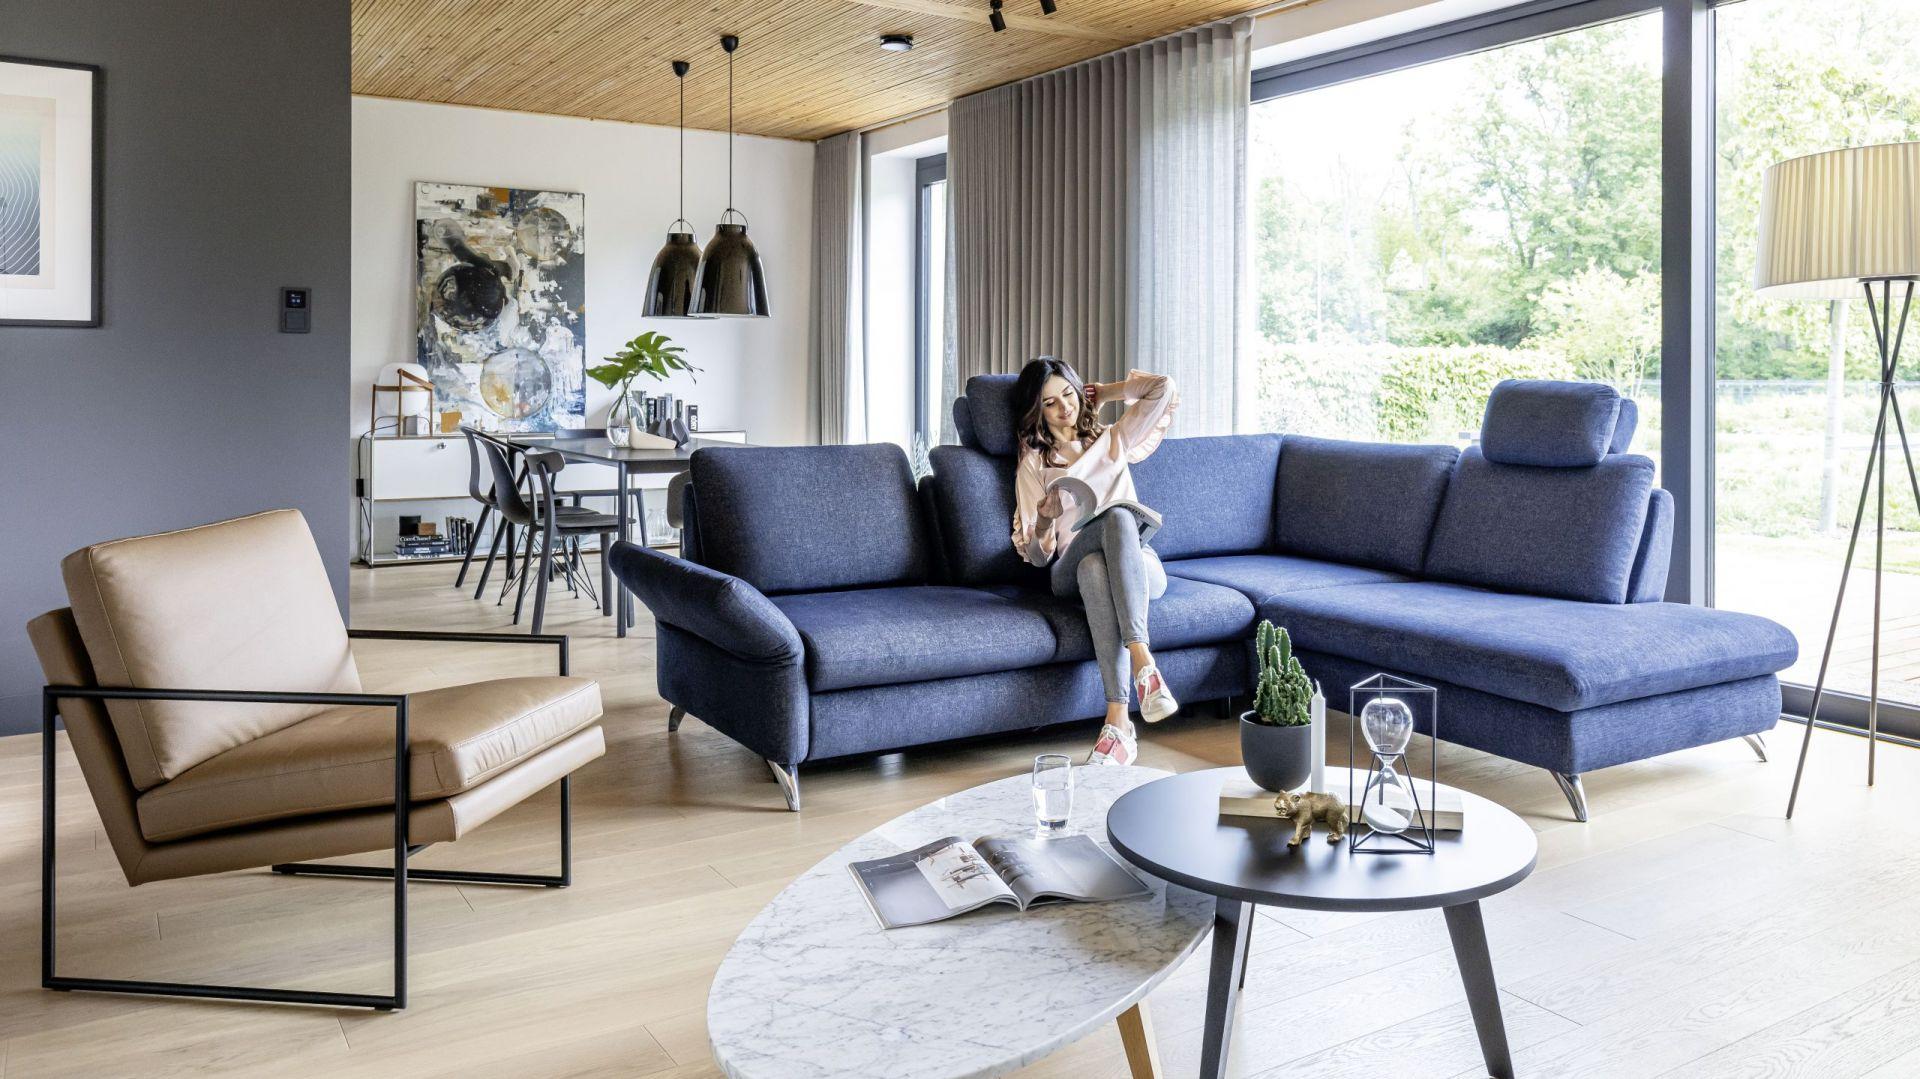 Modna kanapa w salonie. Narożnik z kolekcji mebli wypoczynkowych Tango. Fot. Wajnert Meble